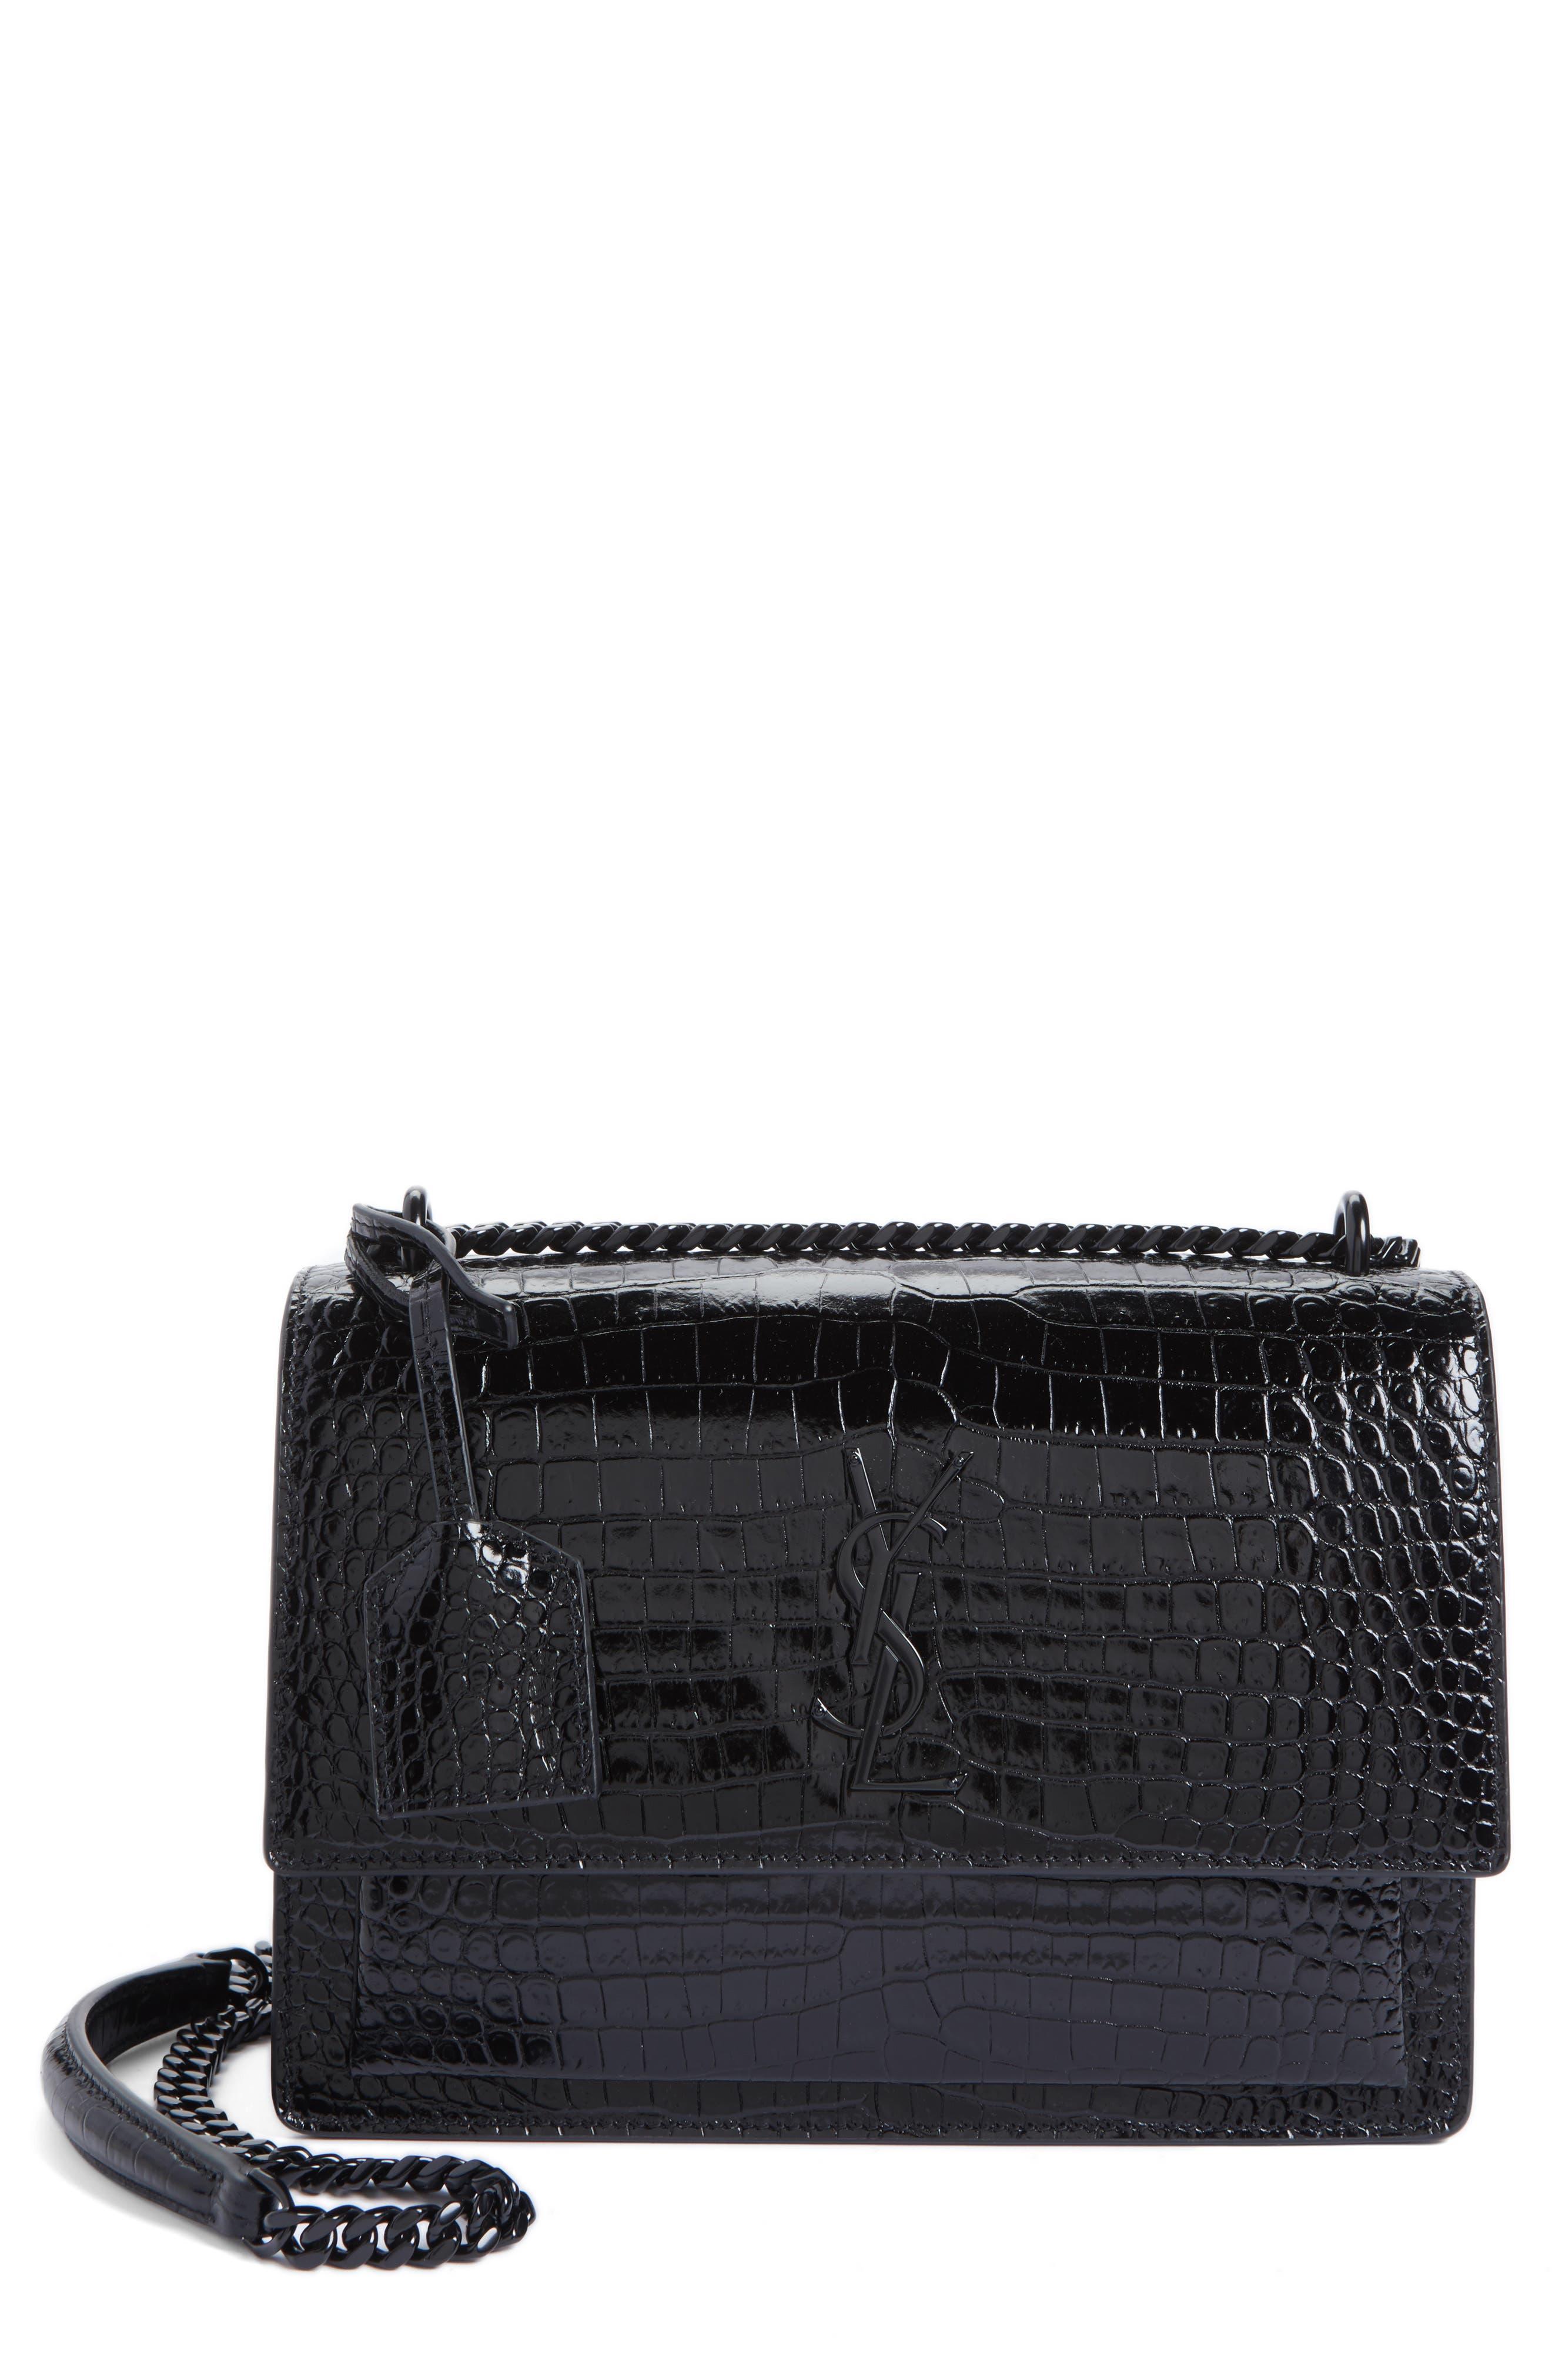 Medium Sunset Croc Embossed Leather Shoulder Bag,                         Main,                         color, 001